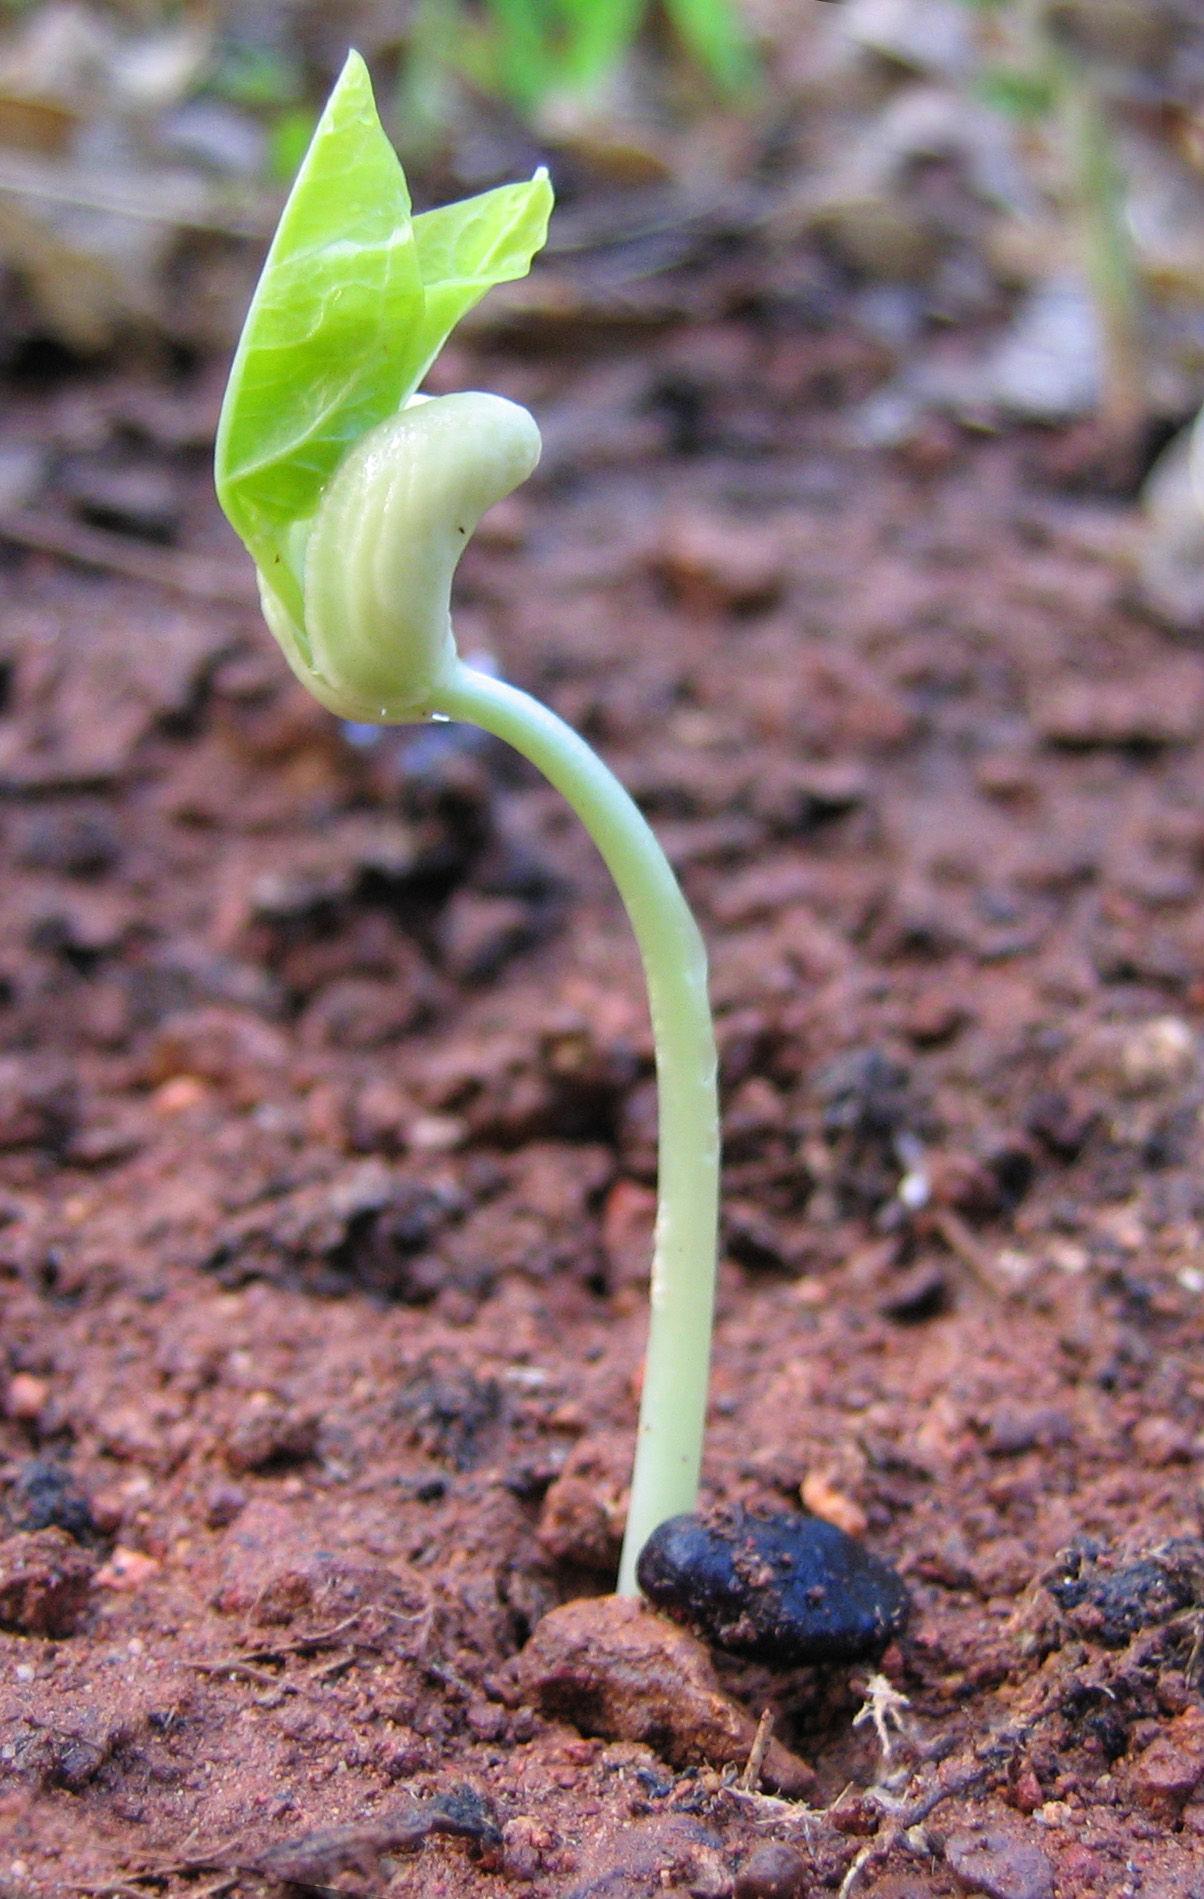 Seedlings-of-Green-peas